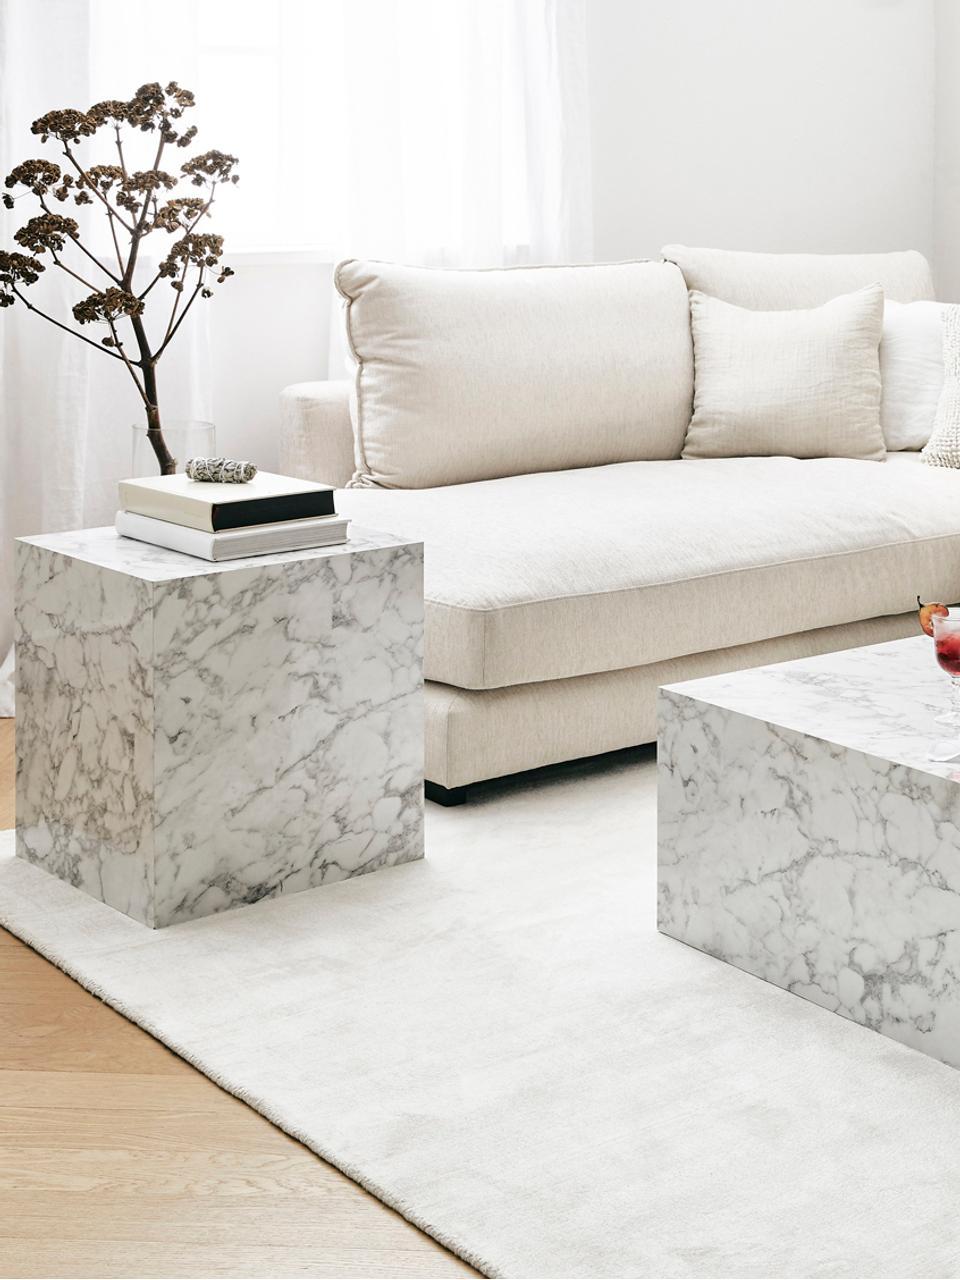 Beistelltisch Lesley in Marmoroptik, Mitteldichte Holzfaserplatte (MDF), mit Melaminfolie überzogen, Weiß, marmoriert, 45 x 50 cm